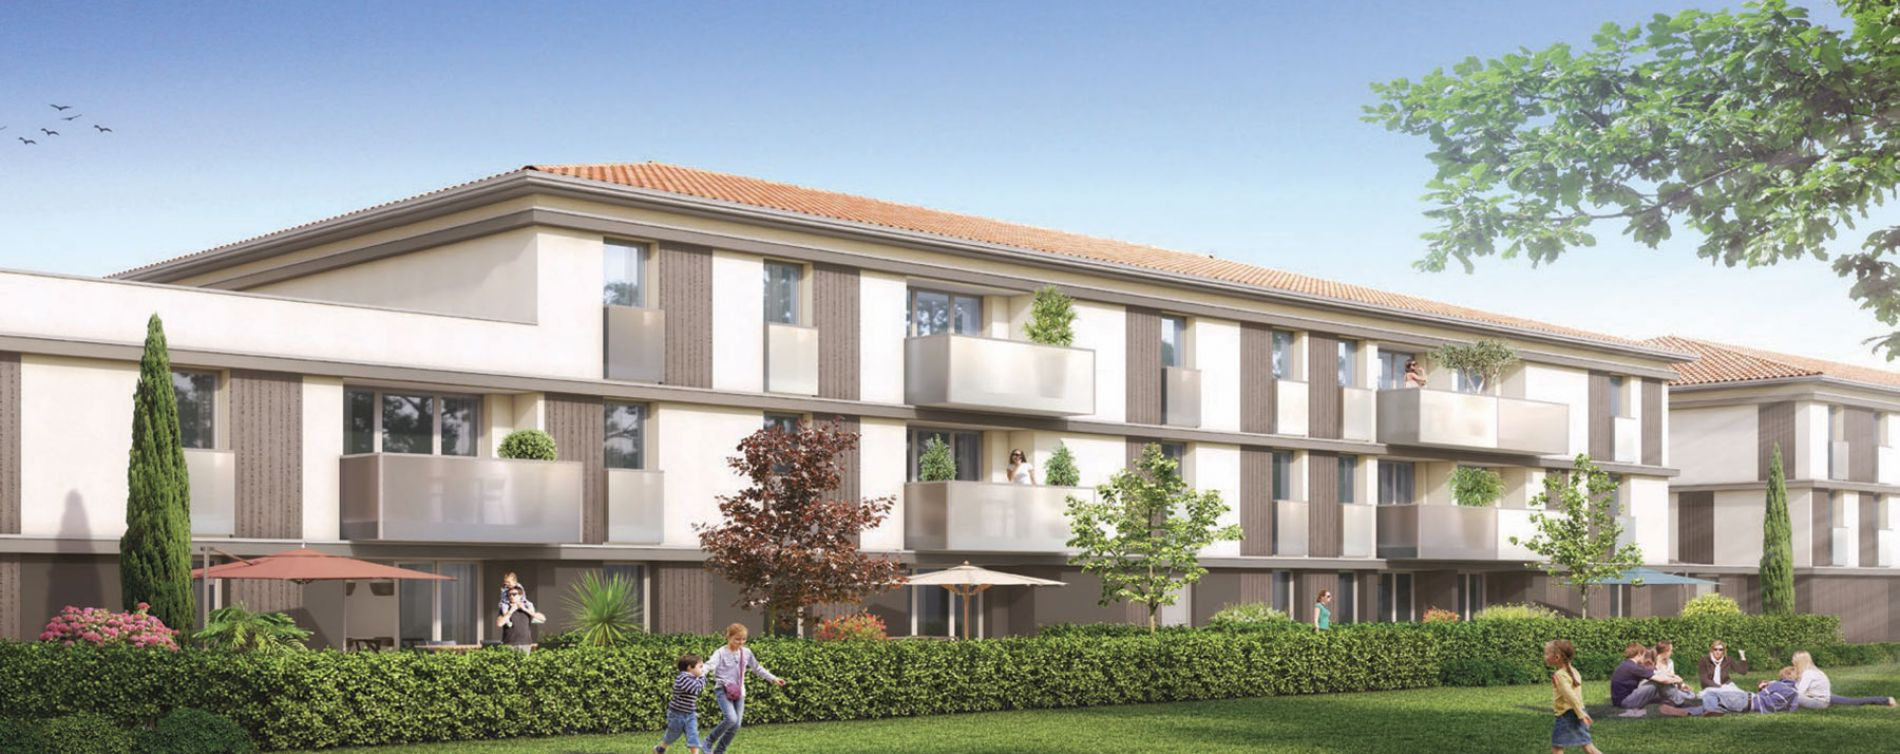 Résidence Caudalie à Villenave-d'Ornon